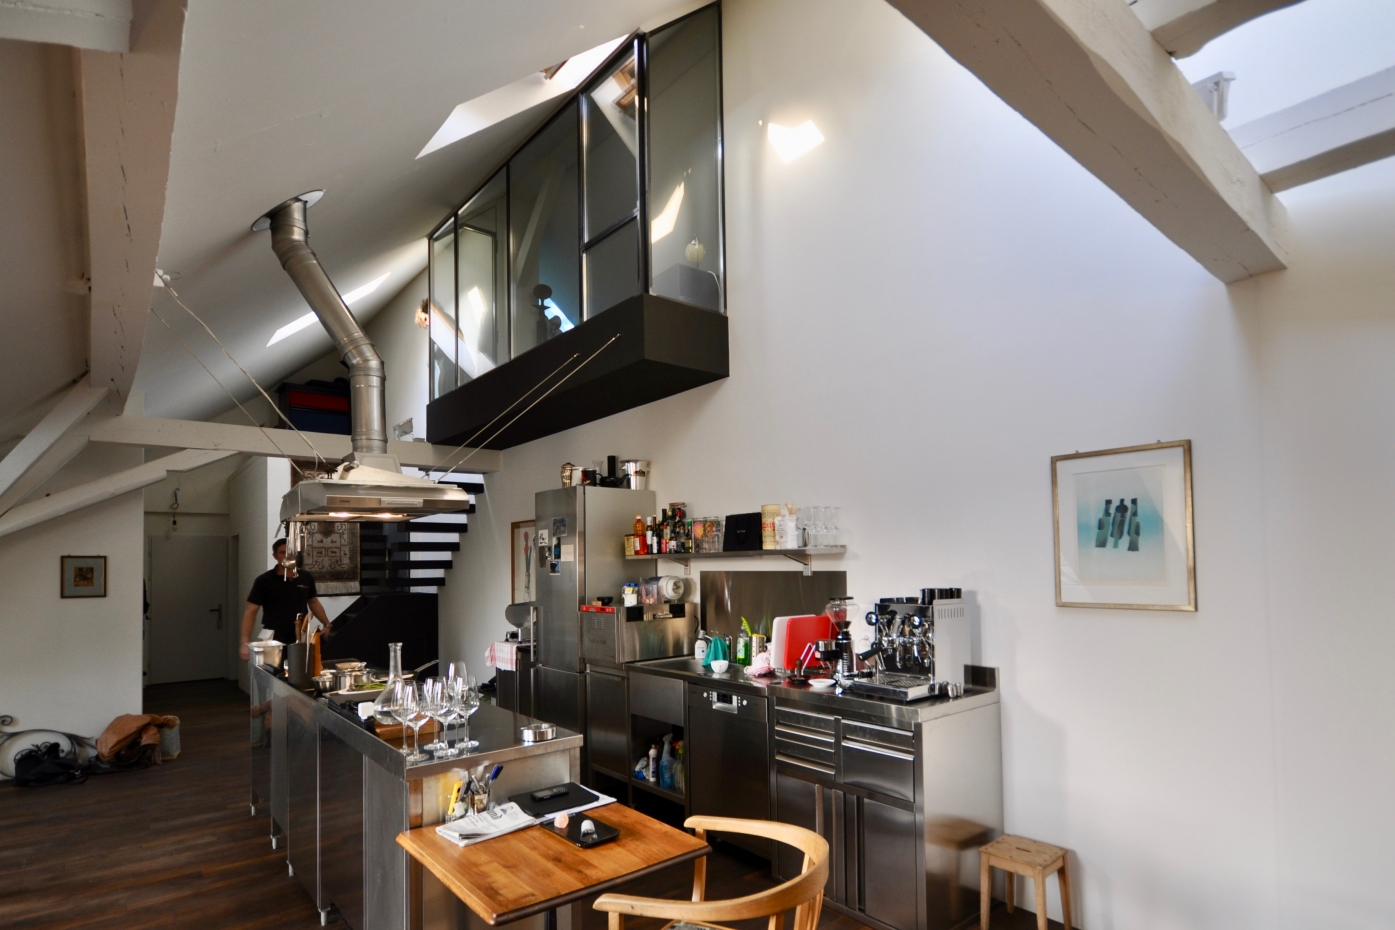 vollenwyder architektur gmbh umbau. Black Bedroom Furniture Sets. Home Design Ideas